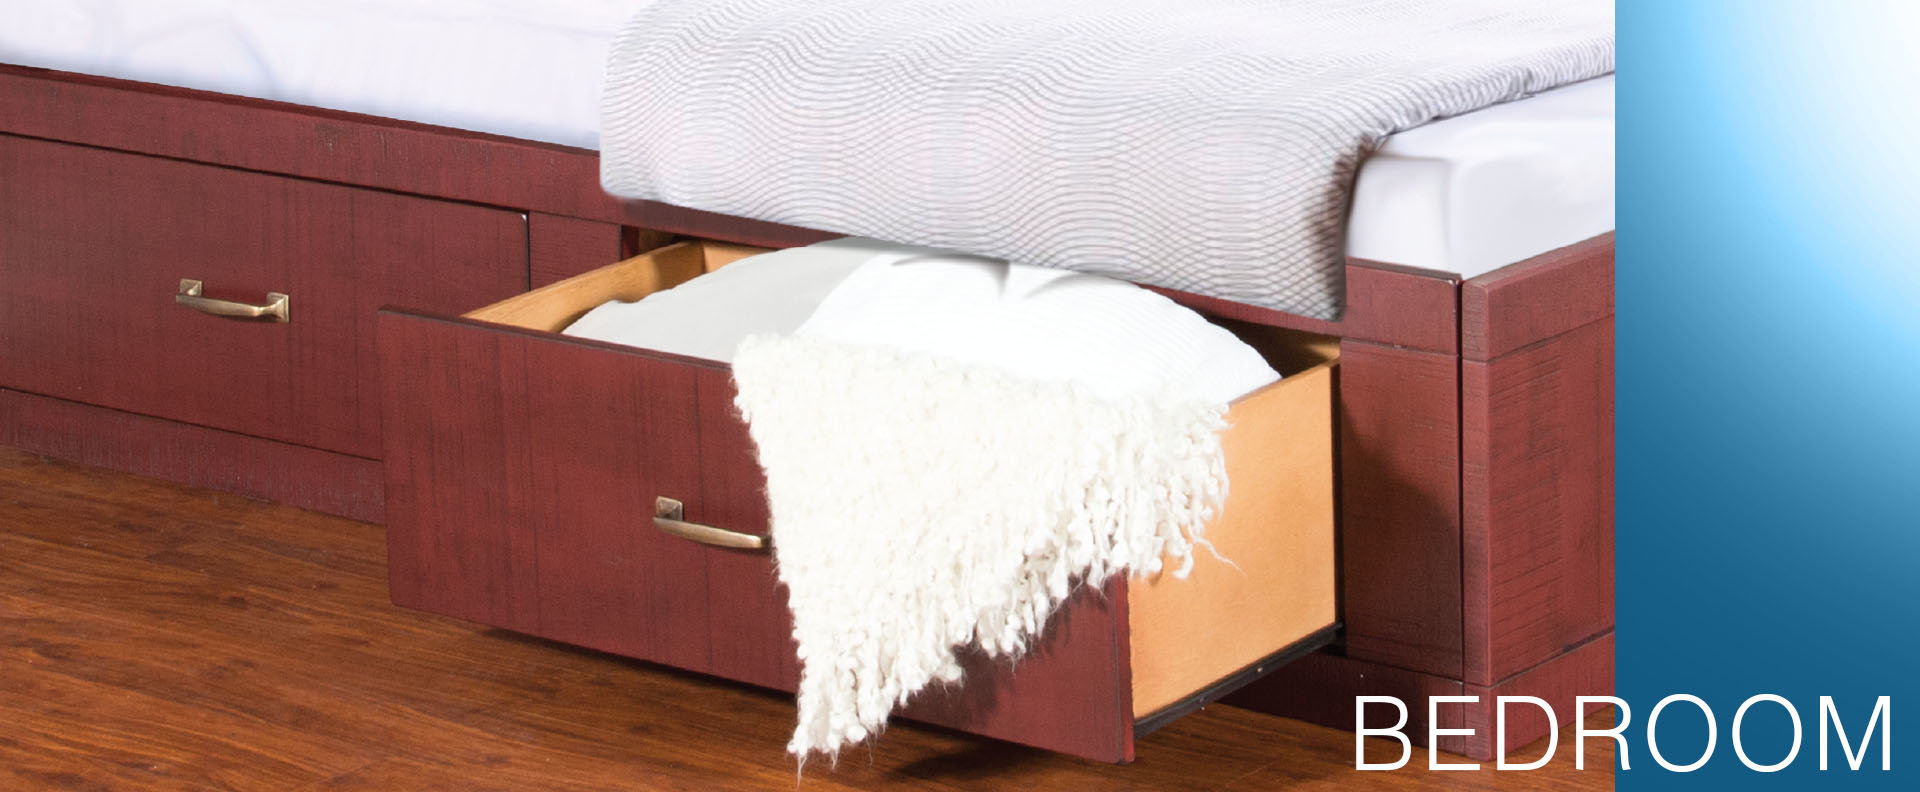 2319RR BED SL7